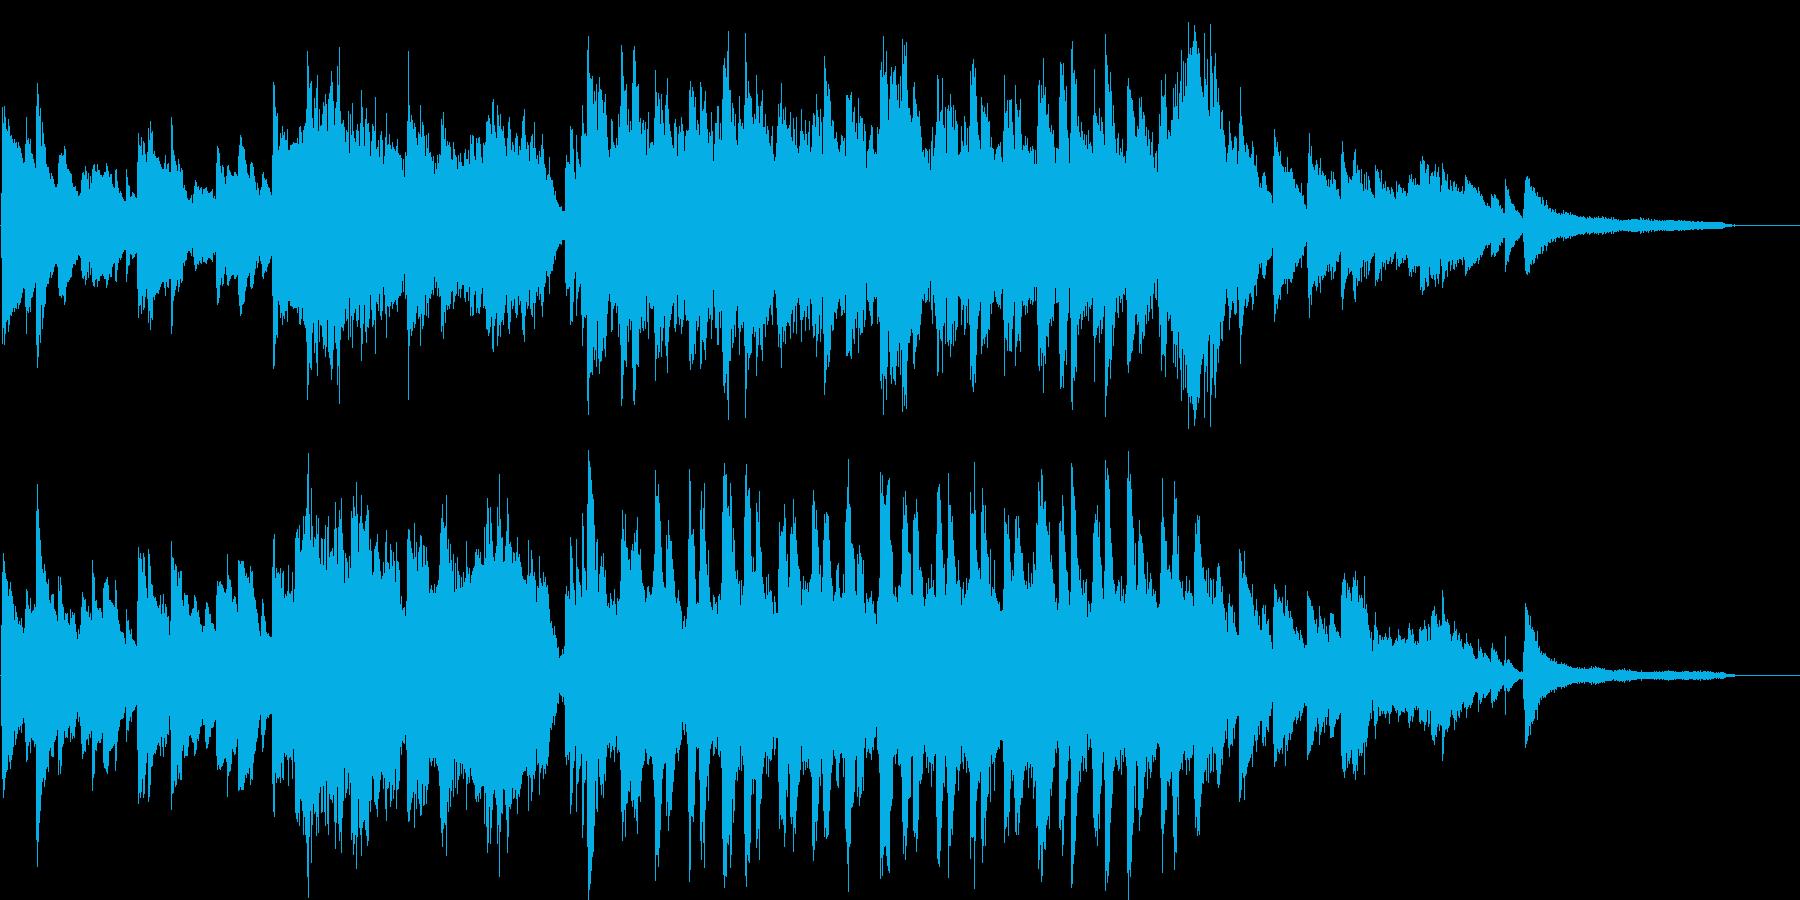 ピアノとストリングスの明るい前向きな曲の再生済みの波形